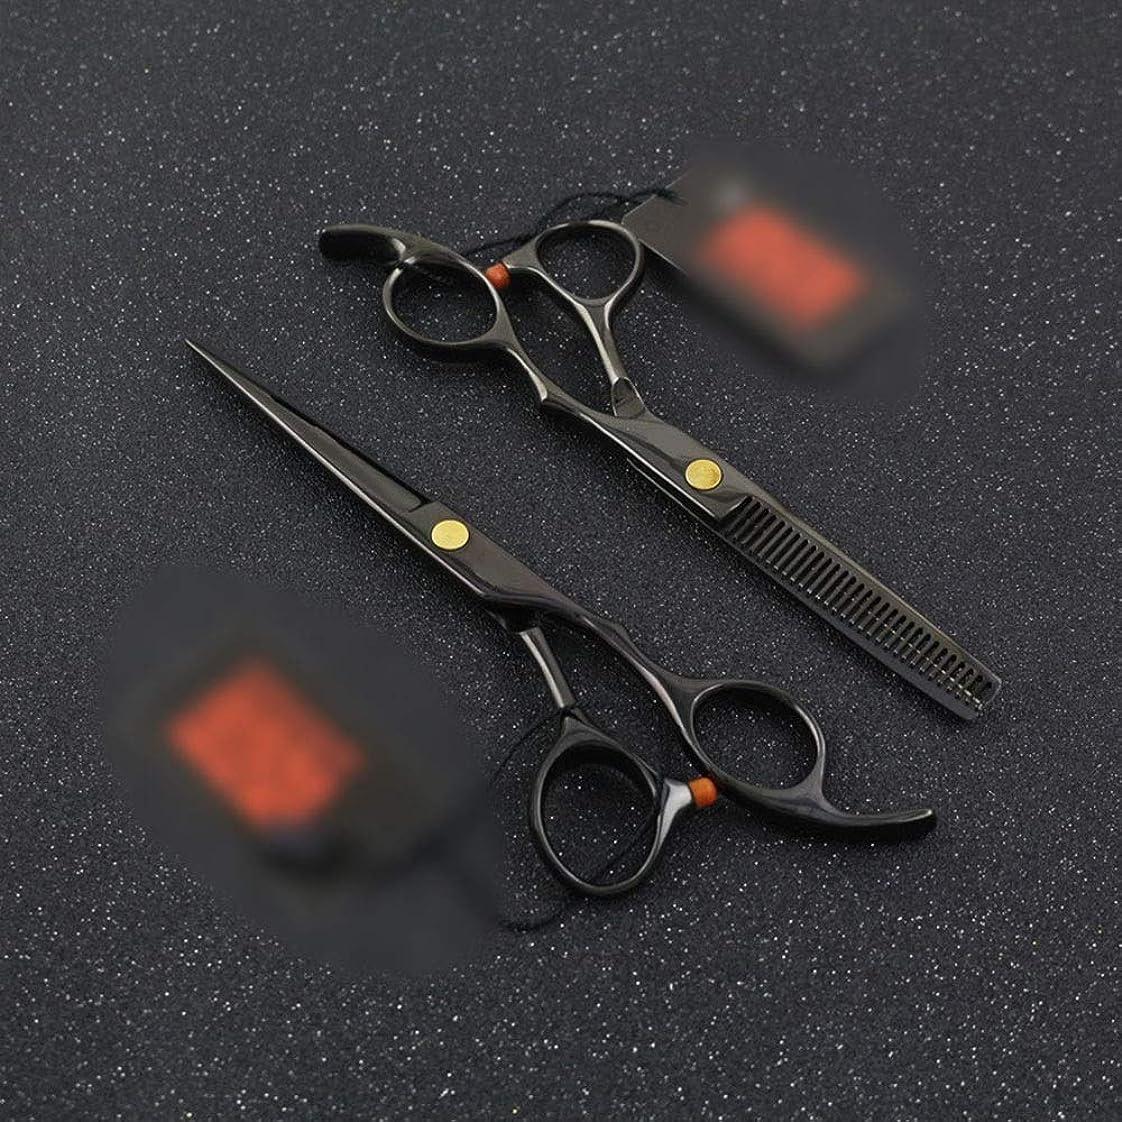 洞窟祝福するホット理髪用はさみ 6.0インチ黒はさみ、フラットはさみ+歯せん断理髪はさみツールセットヘアカットはさみステンレス理髪はさみ (色 : 黒)